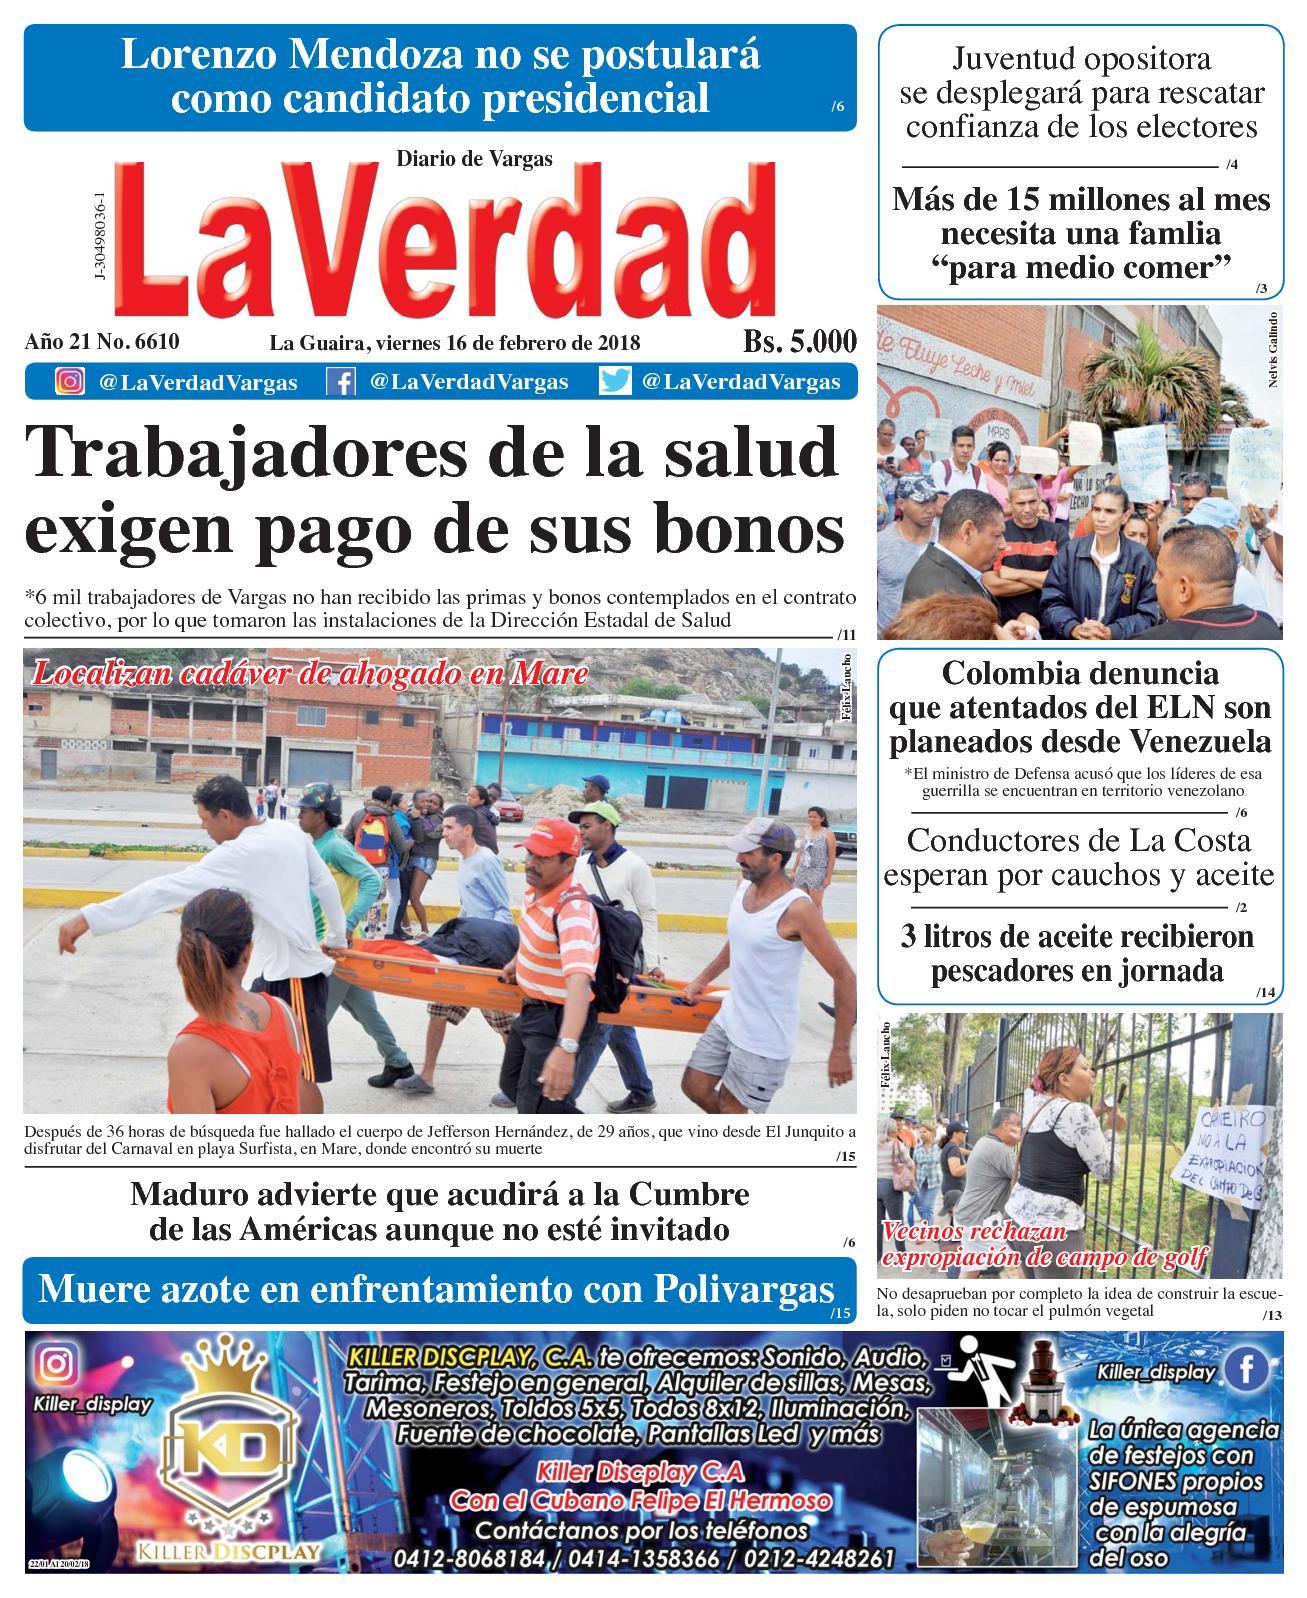 La Guaira, viernes 16 de febrero de 2018. Año 20 No 6610